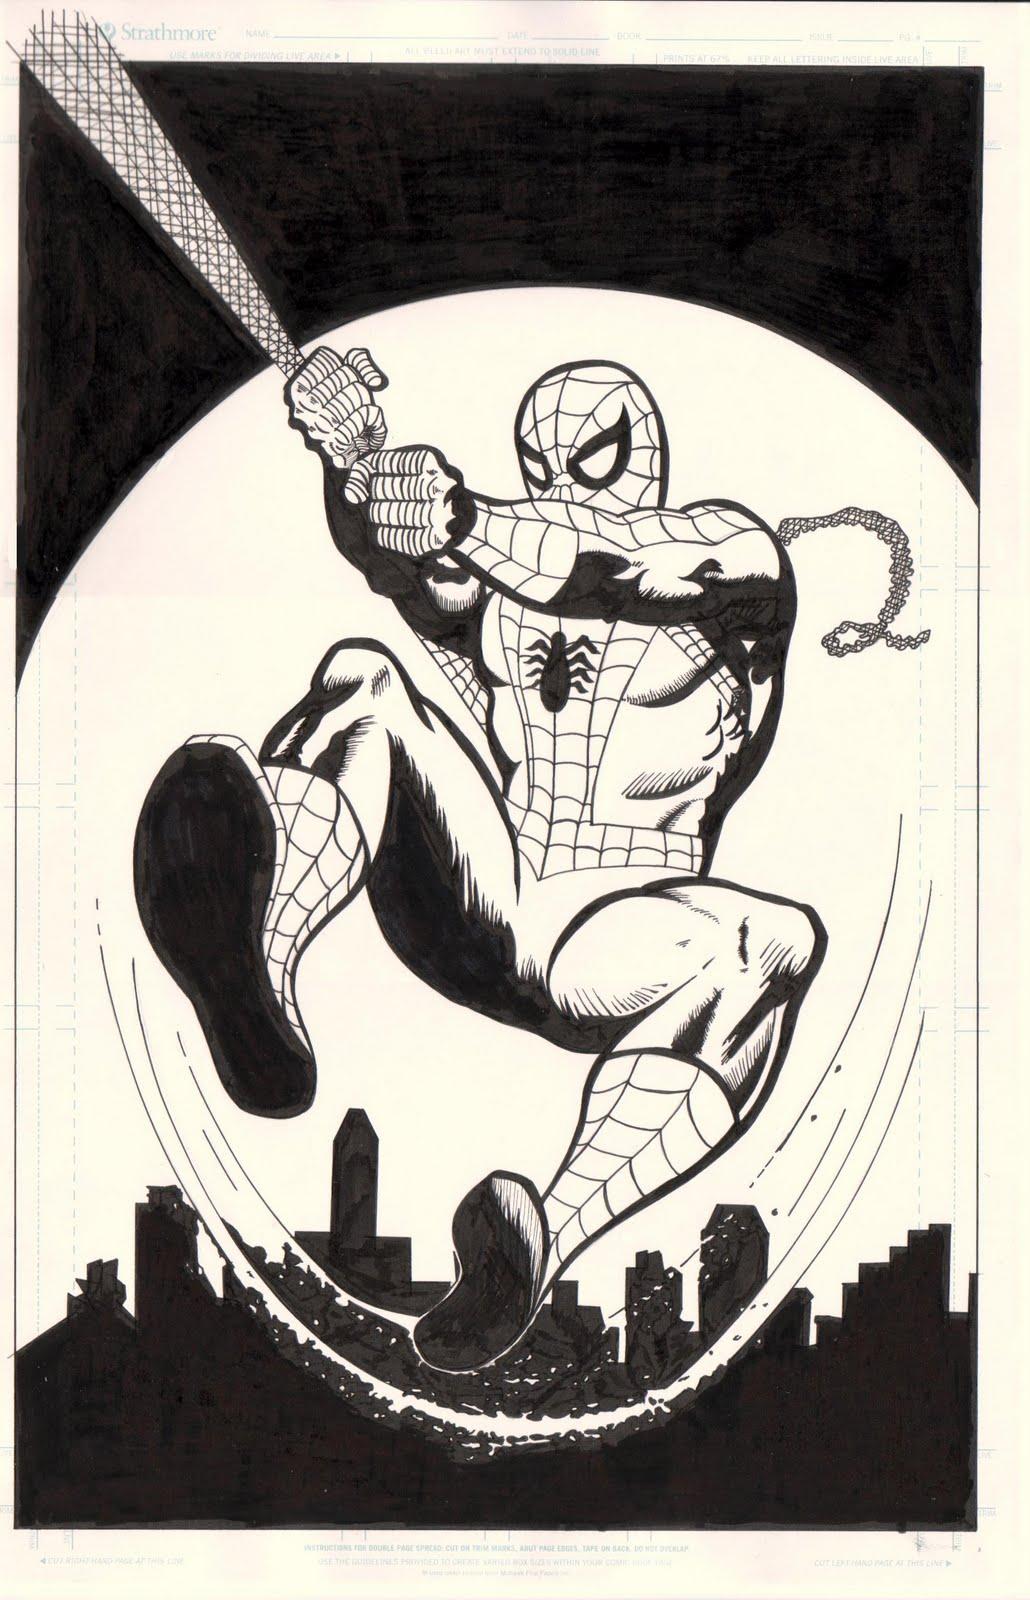 Nerdlingers geek emporium amazing spider man original art pinup